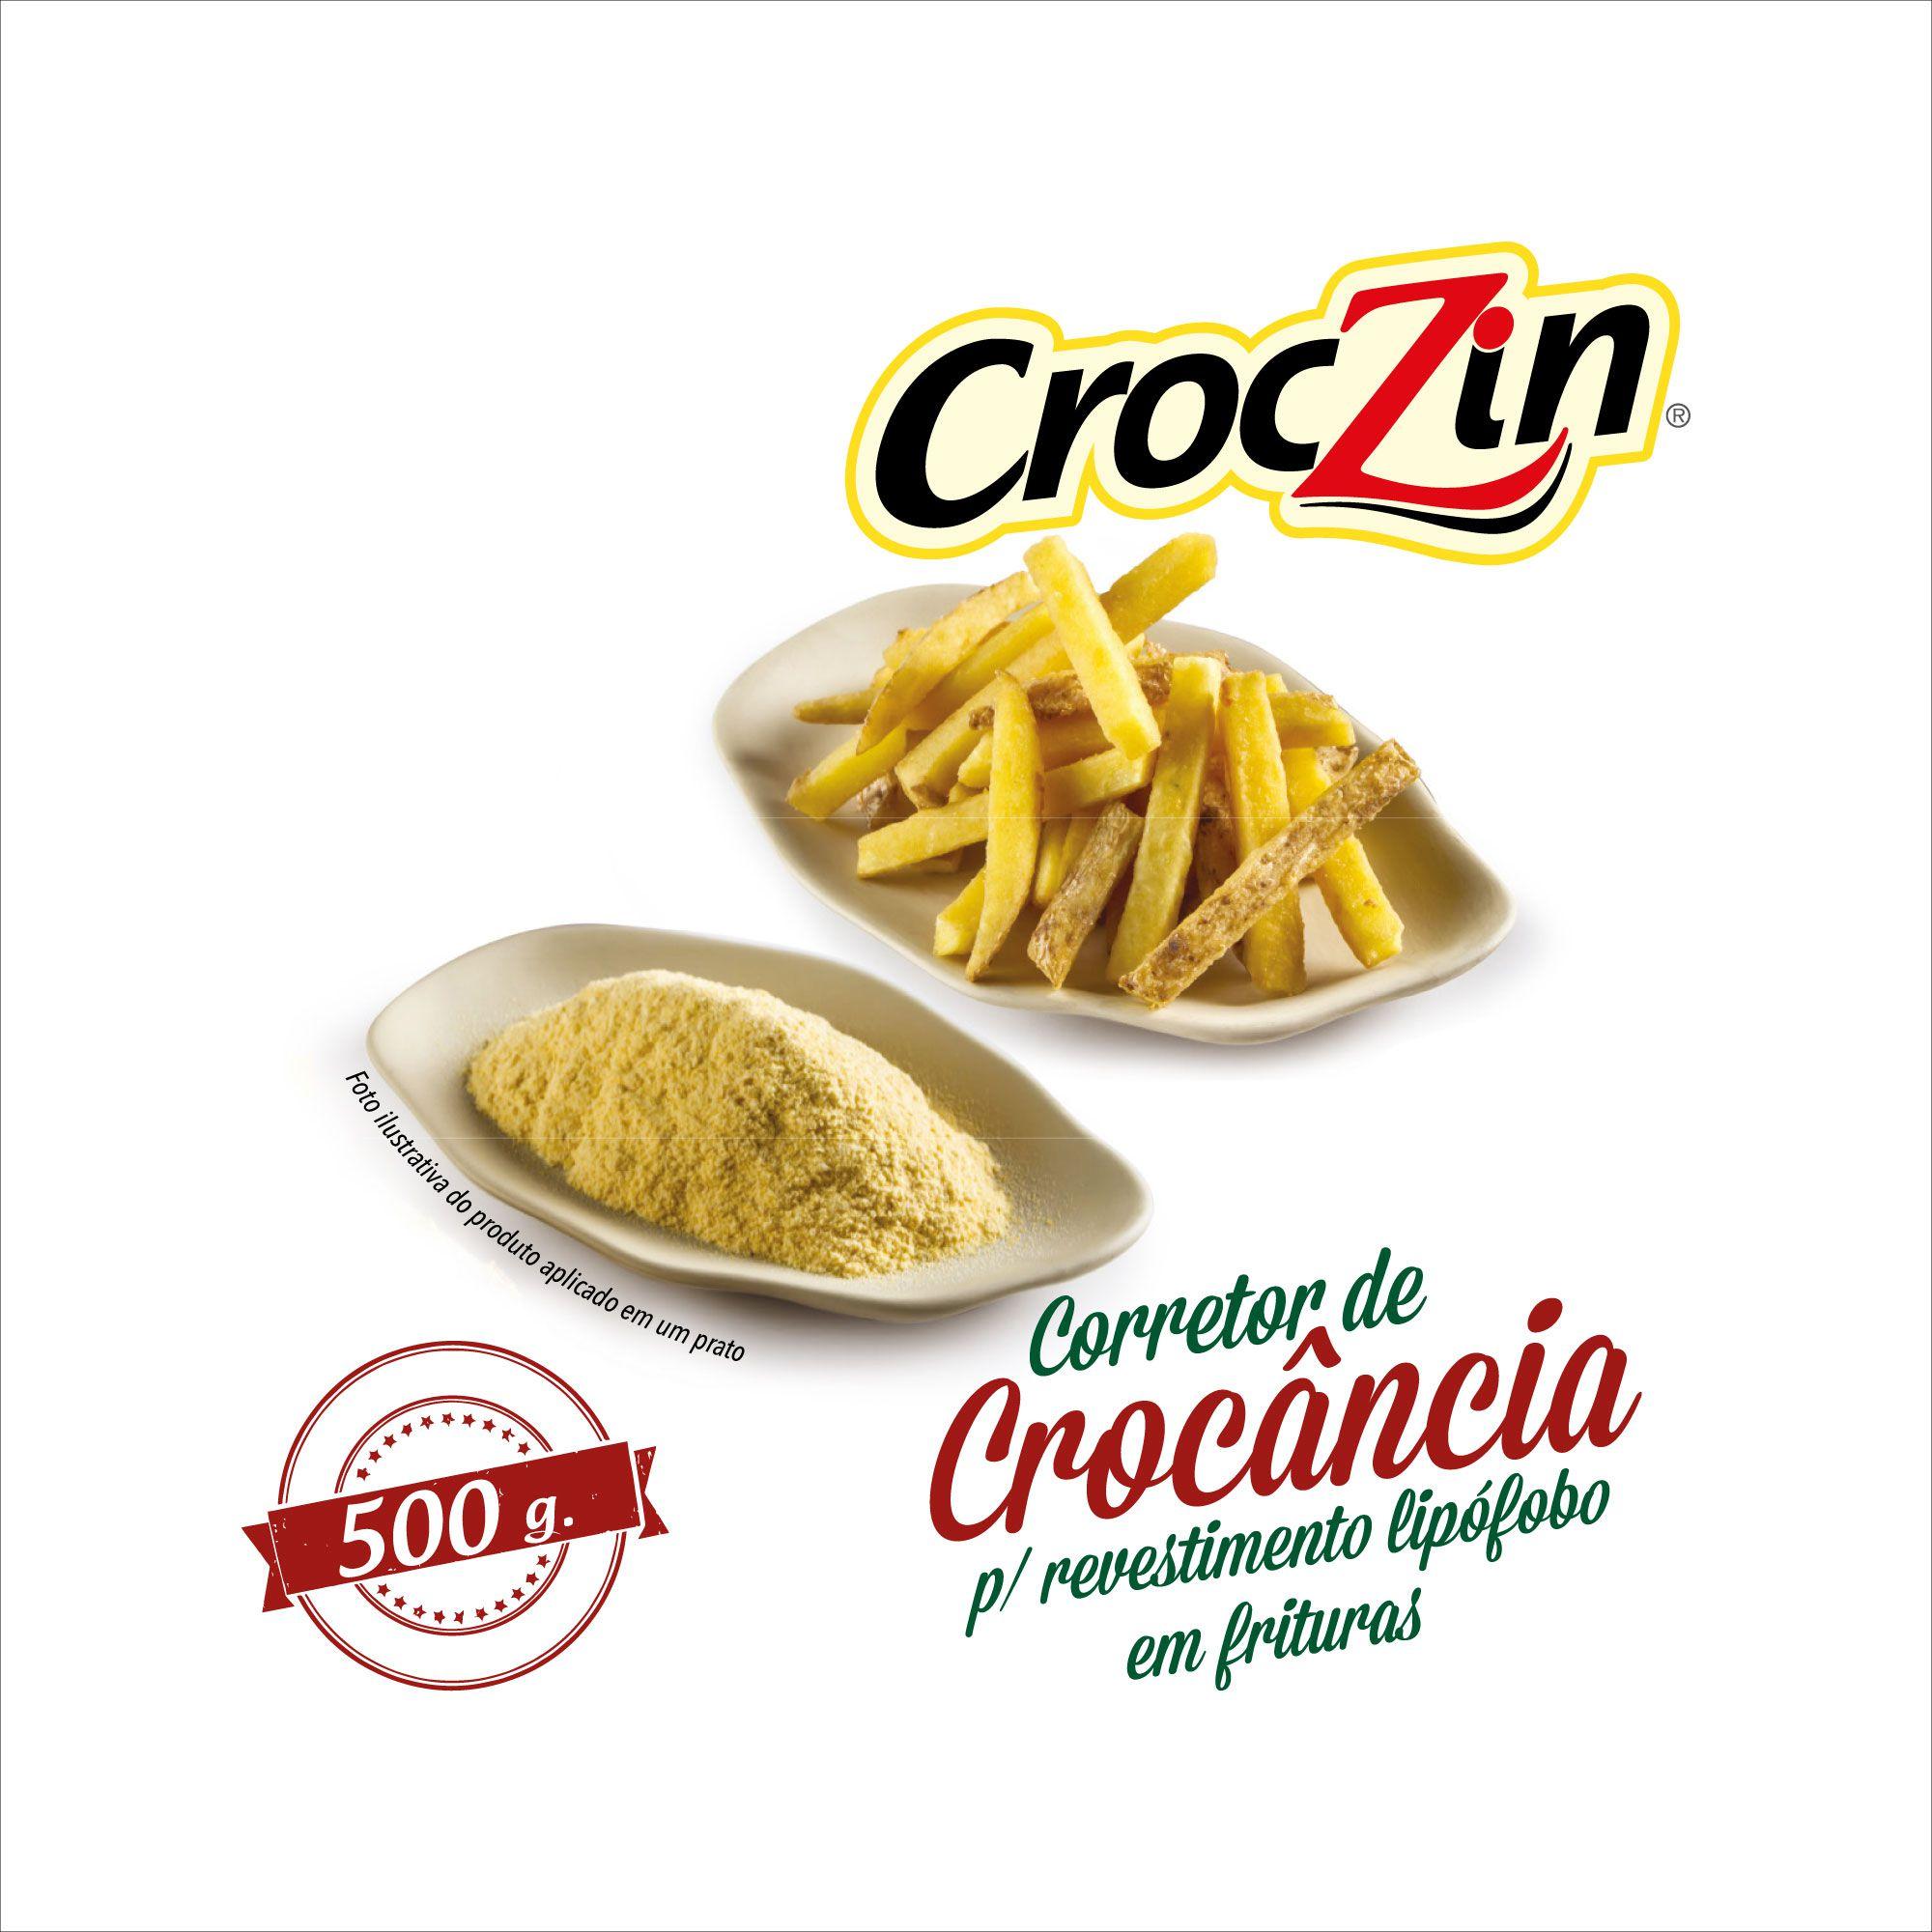 Croczin 500g.